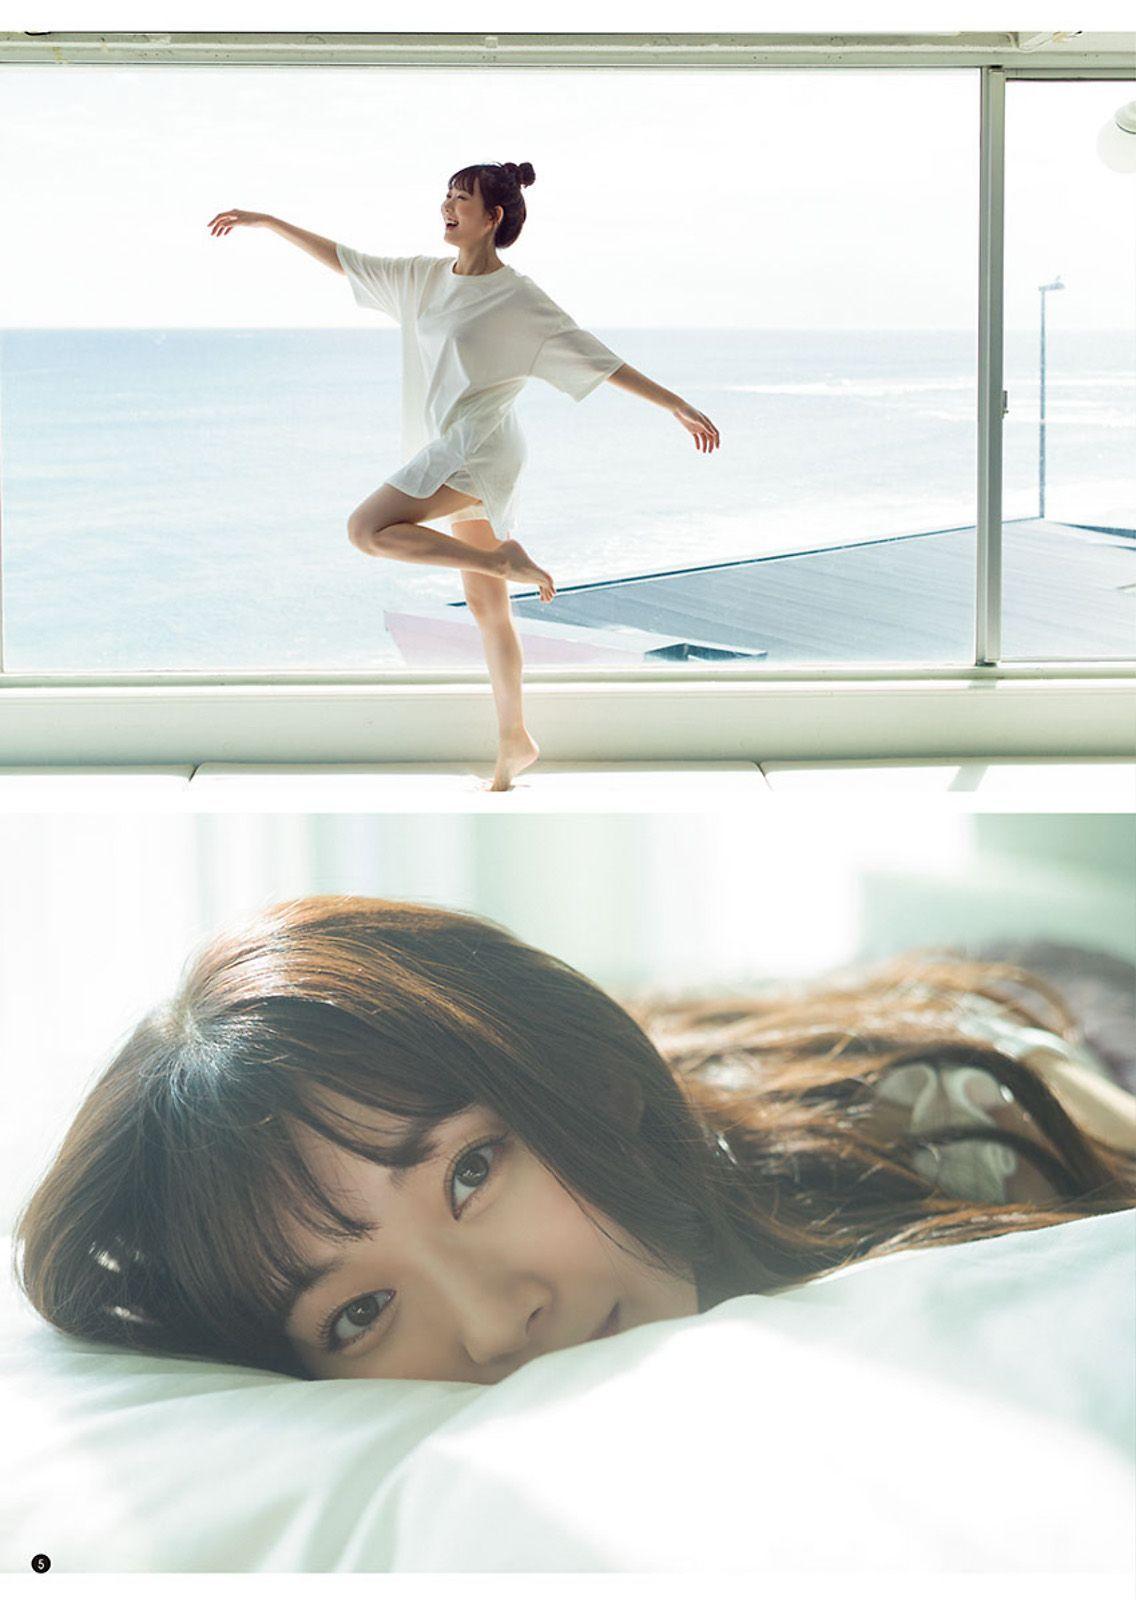 樱木美凉Young Champion写真杂志限定角度的胸拍 美女写真 热图5